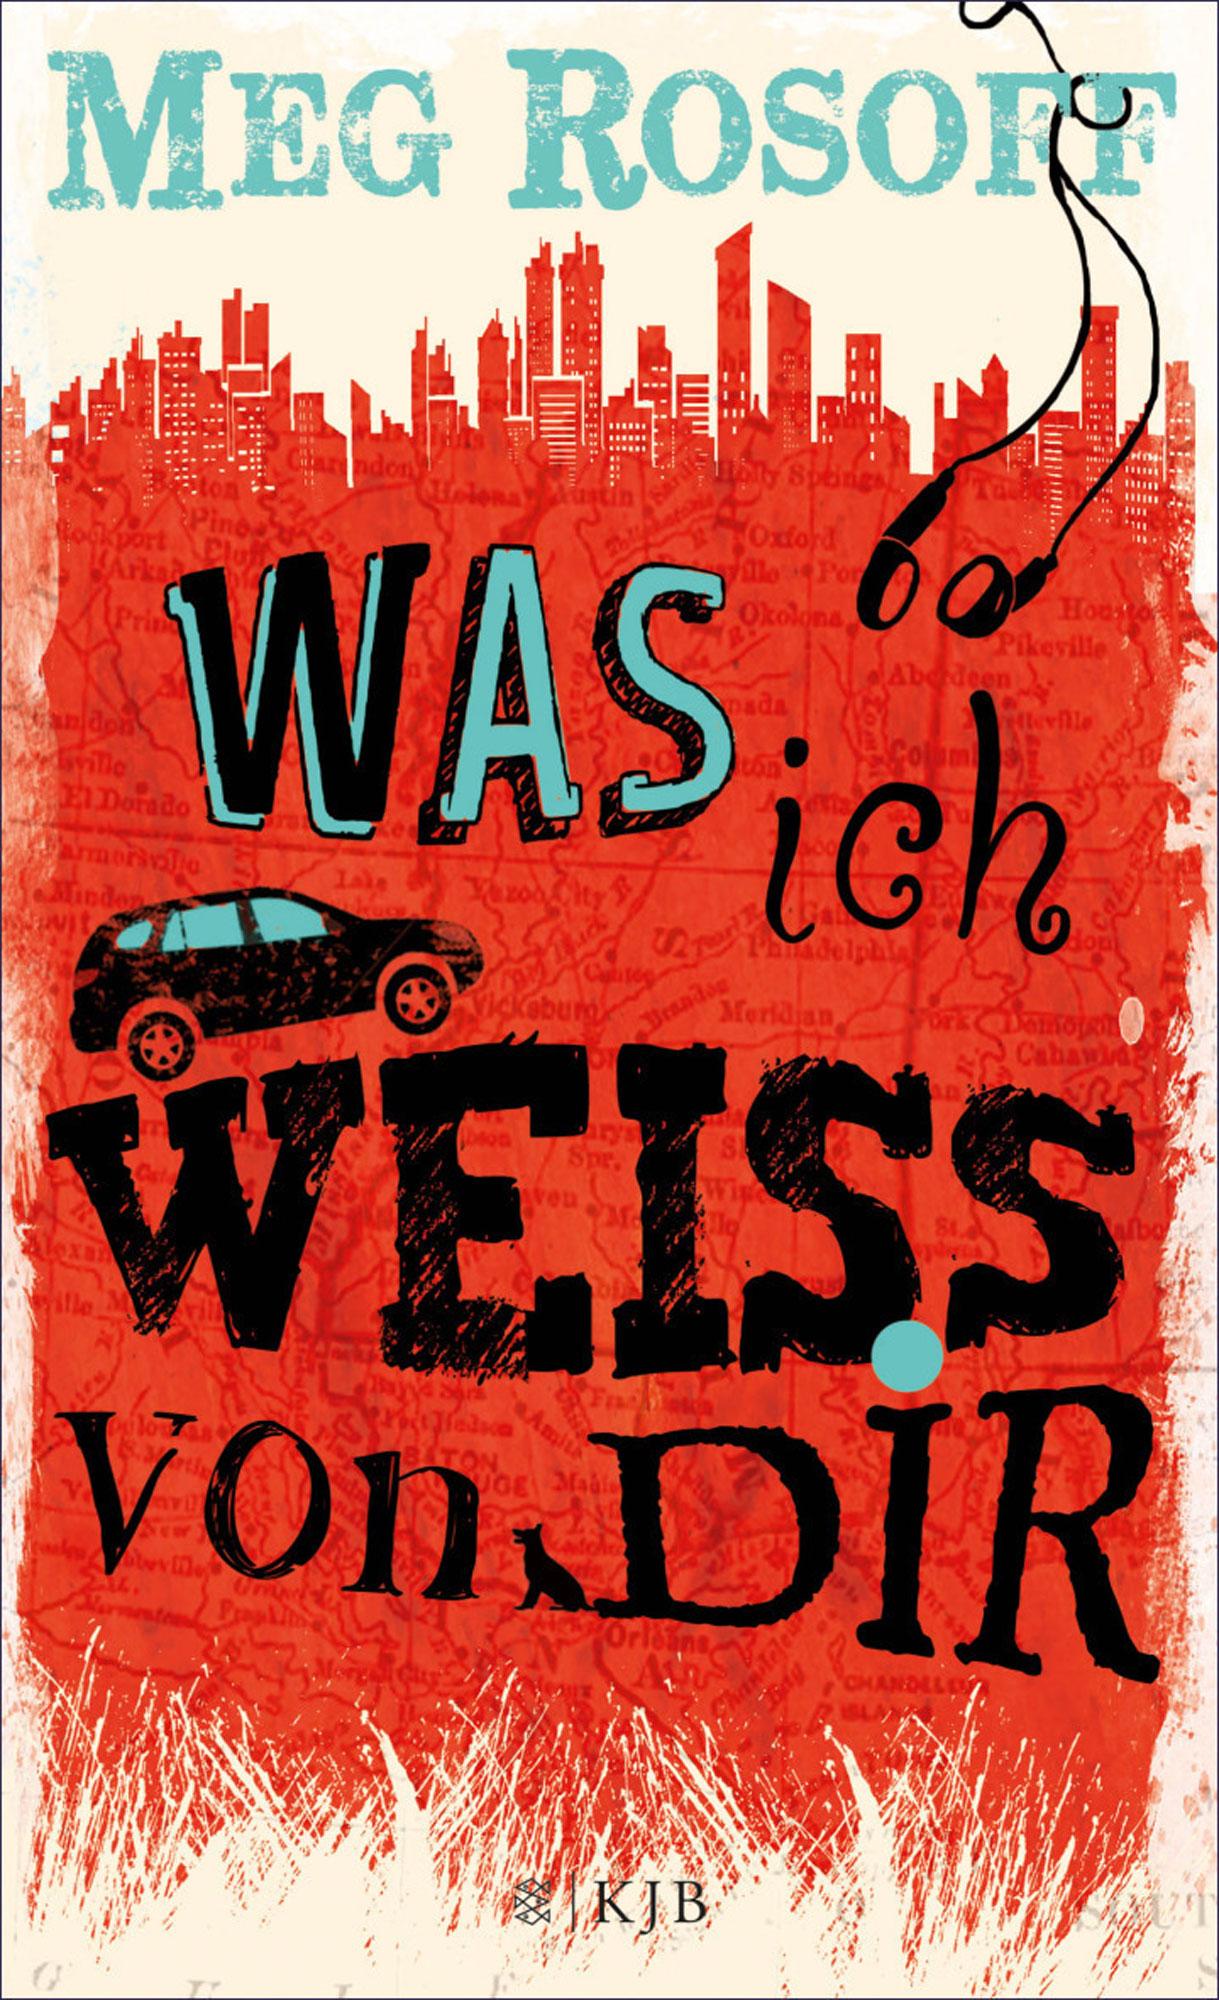 Meg-Rosoff---What-I-Was---Was-Ich-Weis-Von-Dir.jpg